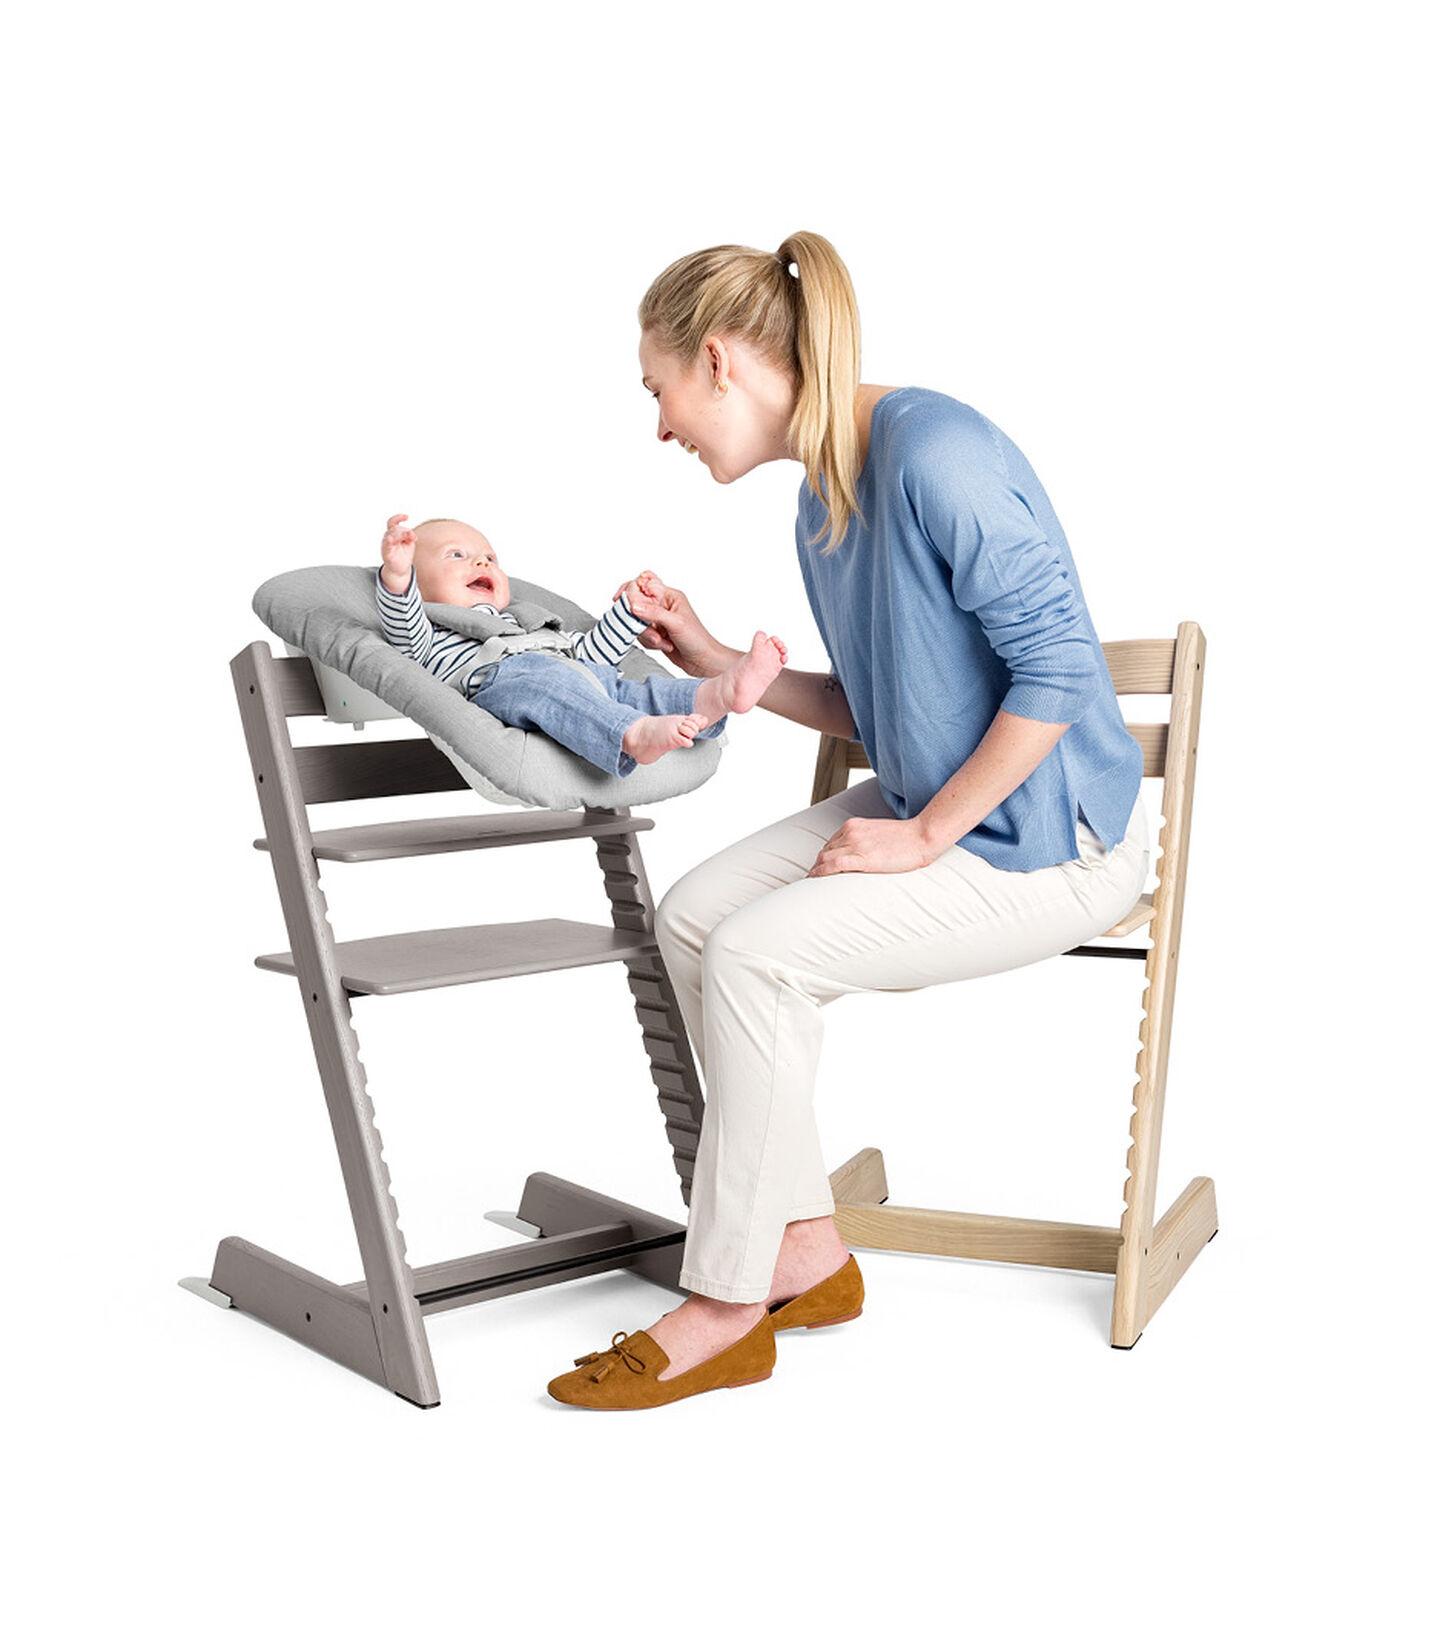 Комплект Стульчик Тripp Тrapp® и шезлонг для новорожденного, , mainview view 1